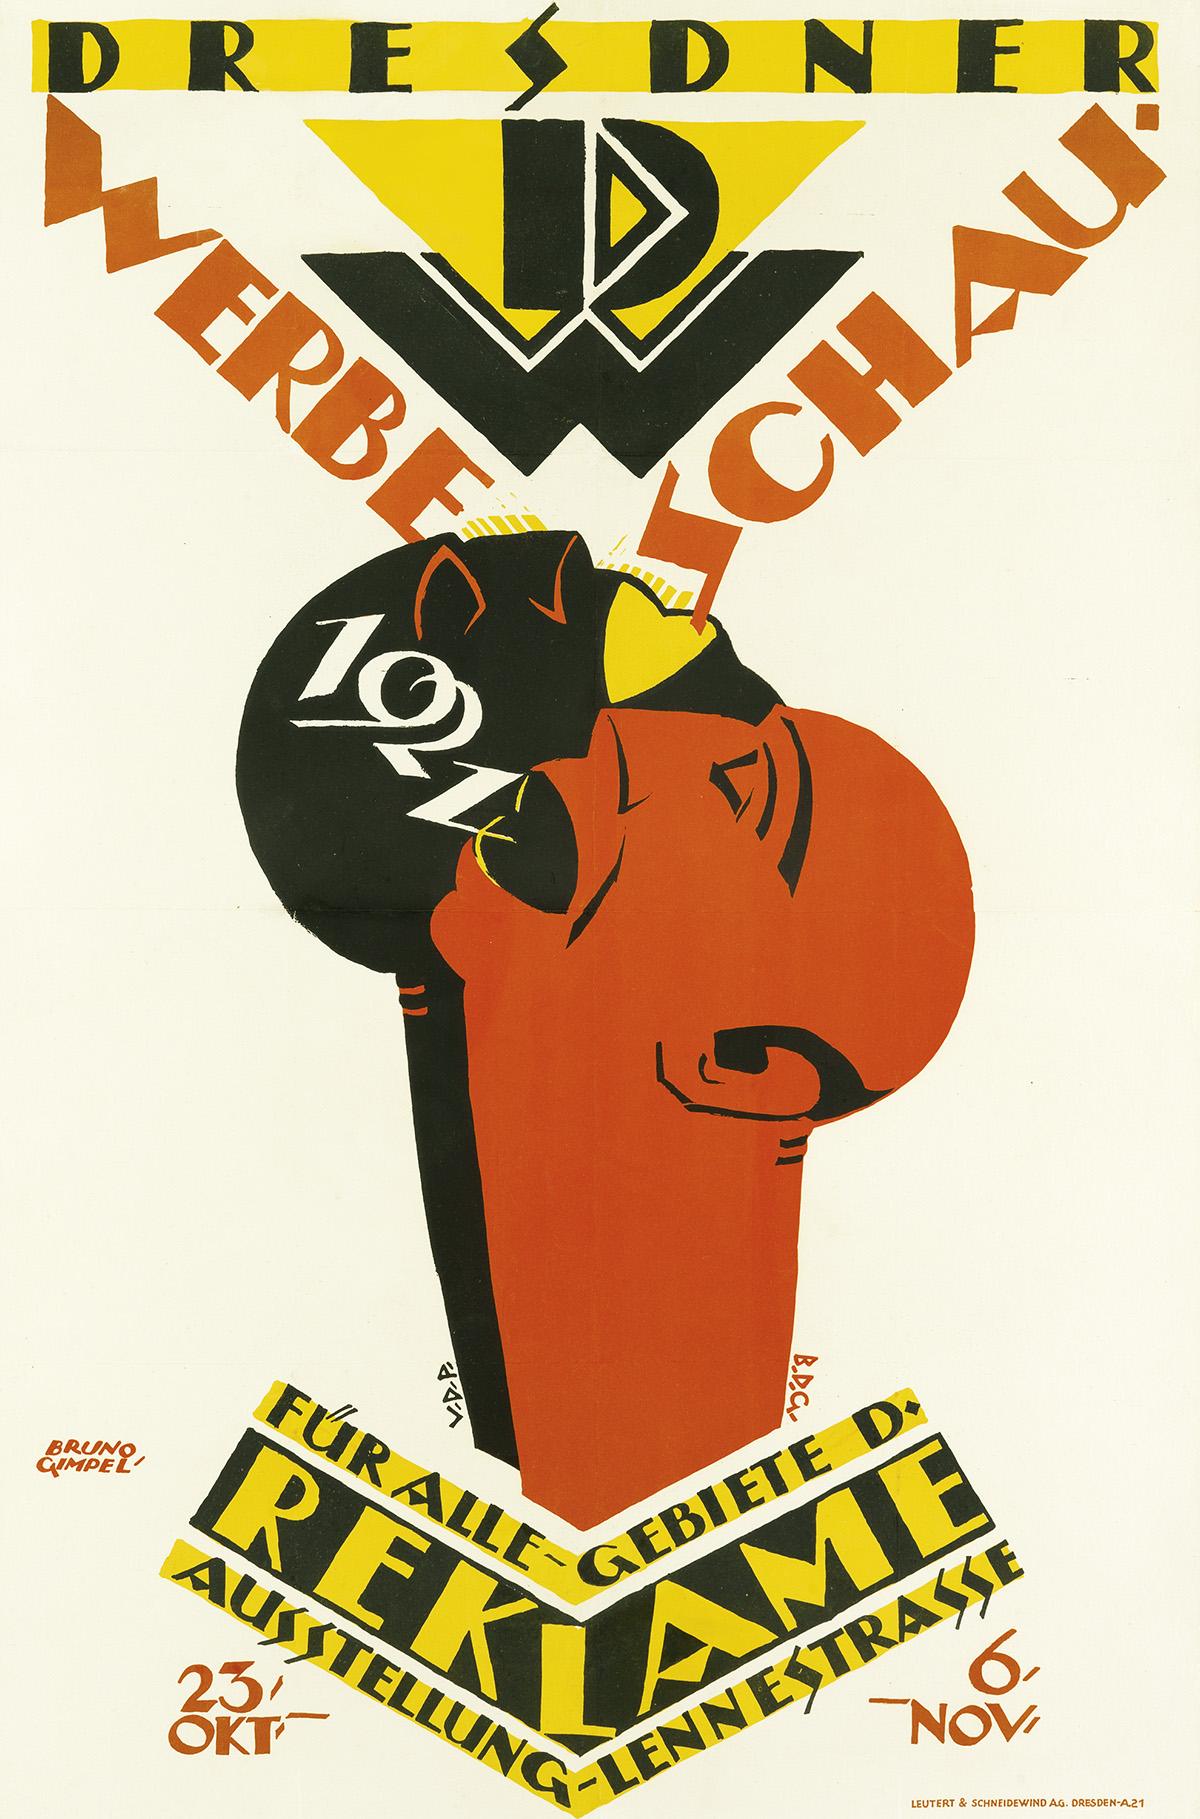 BRUNO GIMPEL (1886-1943). DRESDNER WERBE SCHAU. 1921. 35x23 inches, 90x58 cm. Leutert & Schneidewind, Dresden.